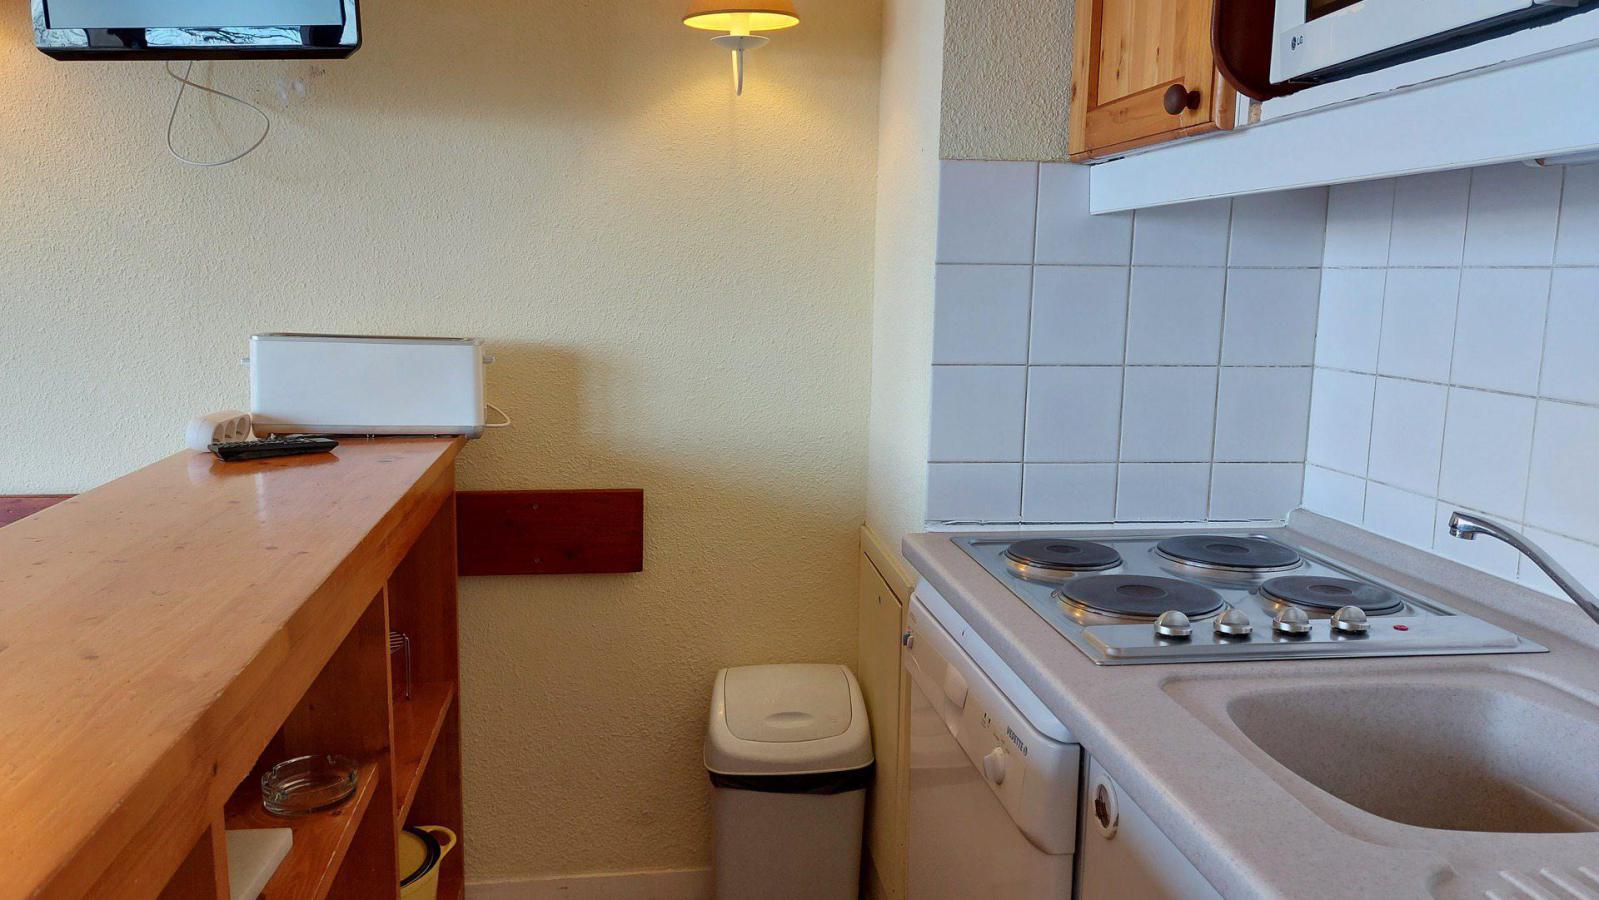 Location au ski Appartement 3 pièces 6 personnes (415) - Residence Le Ruitor - Les Arcs - Appartement